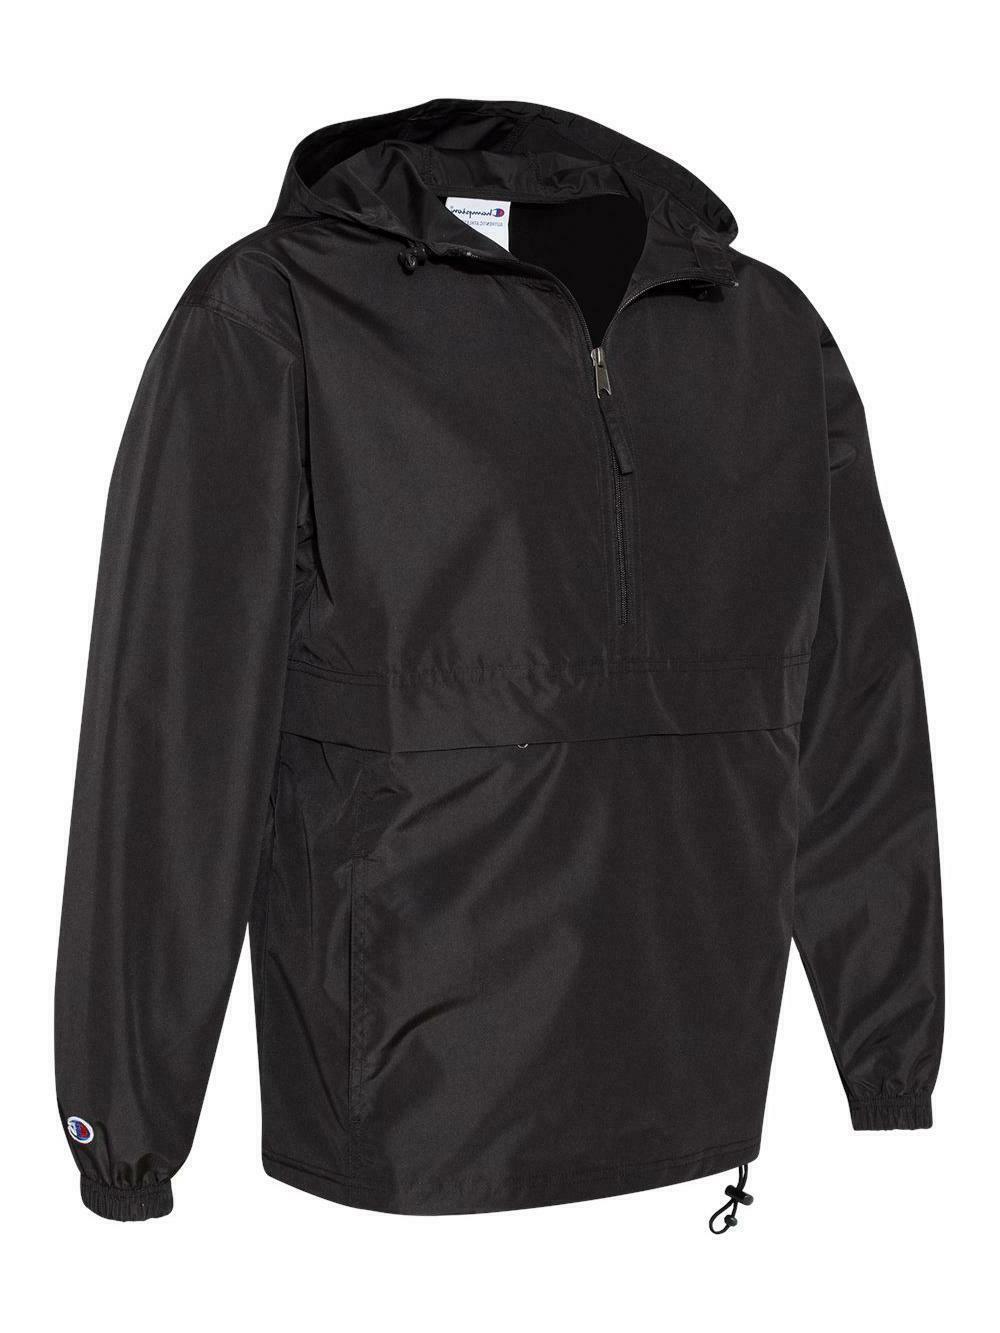 Champion - Anokrak Rain Jacket, 1/4 Zip - Water Resistant